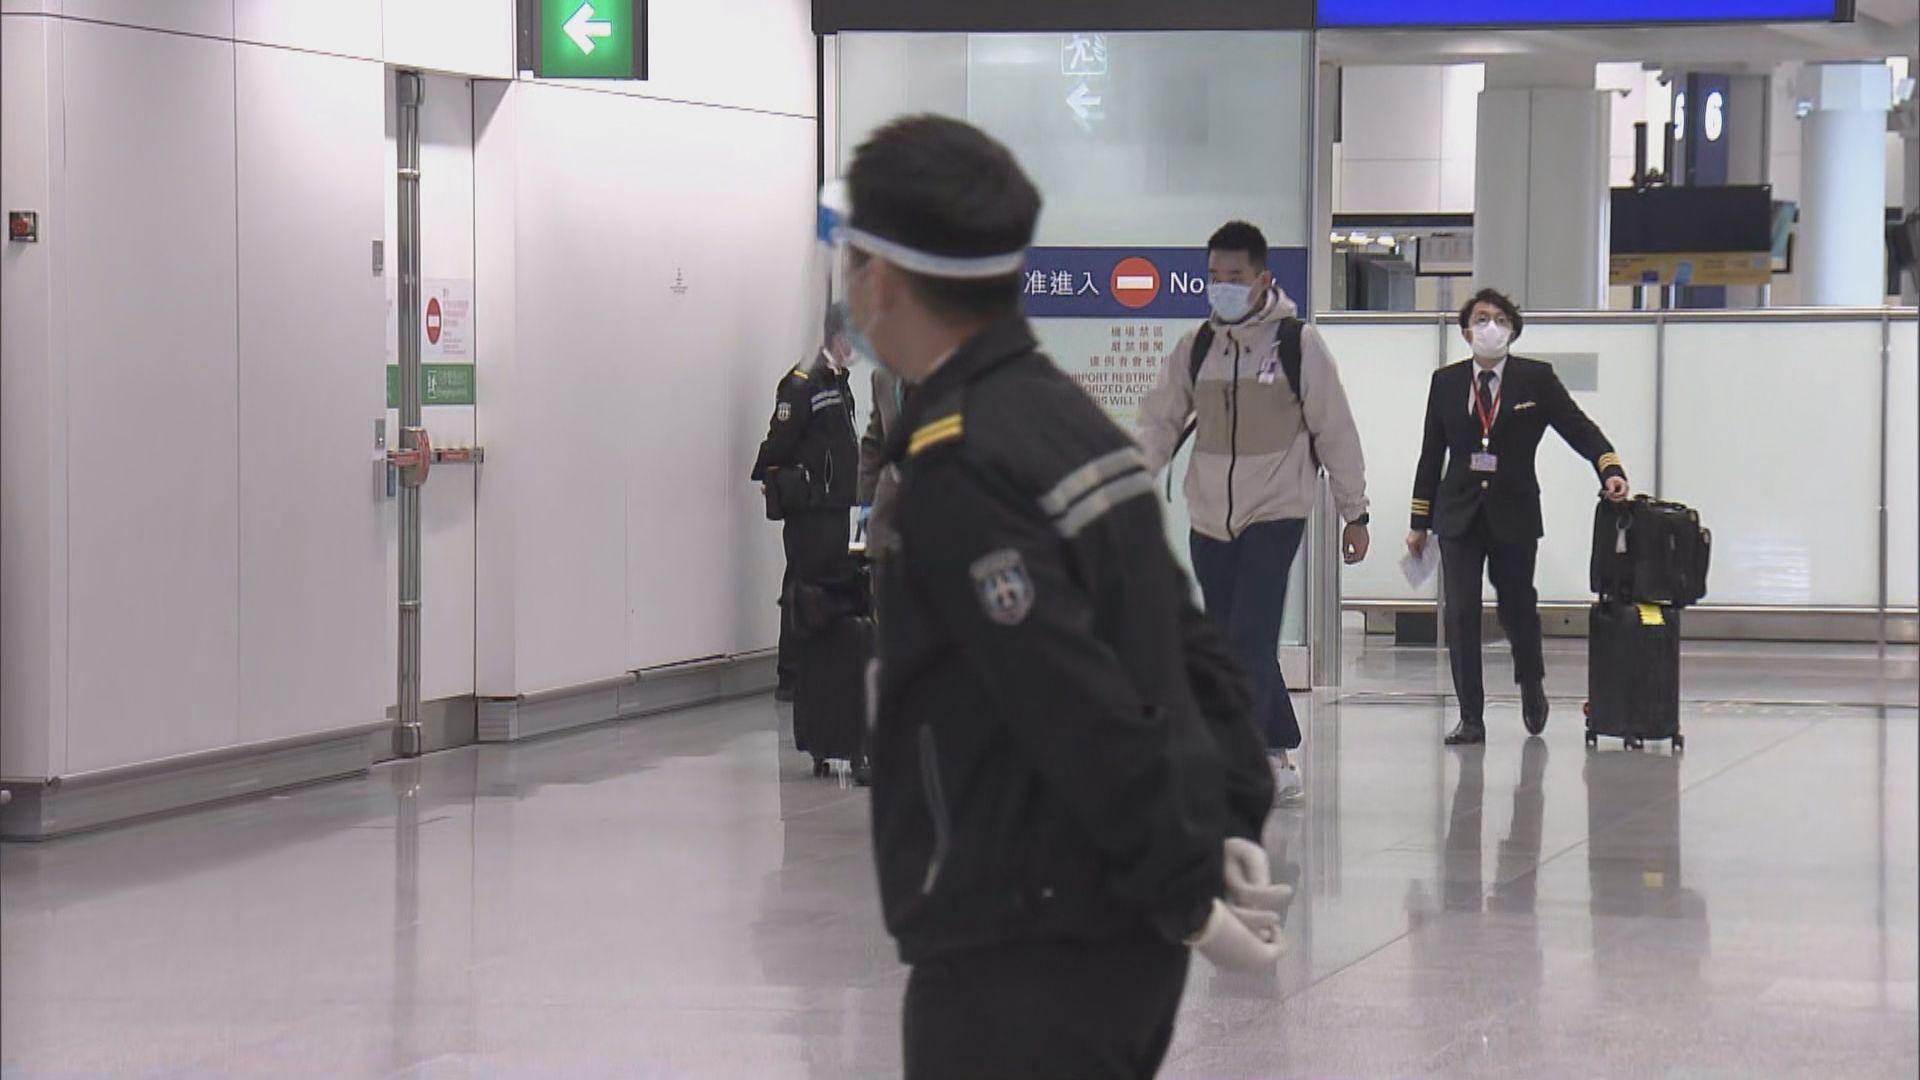 美運輸部警告或會限制香港的航空公司在美營運航班